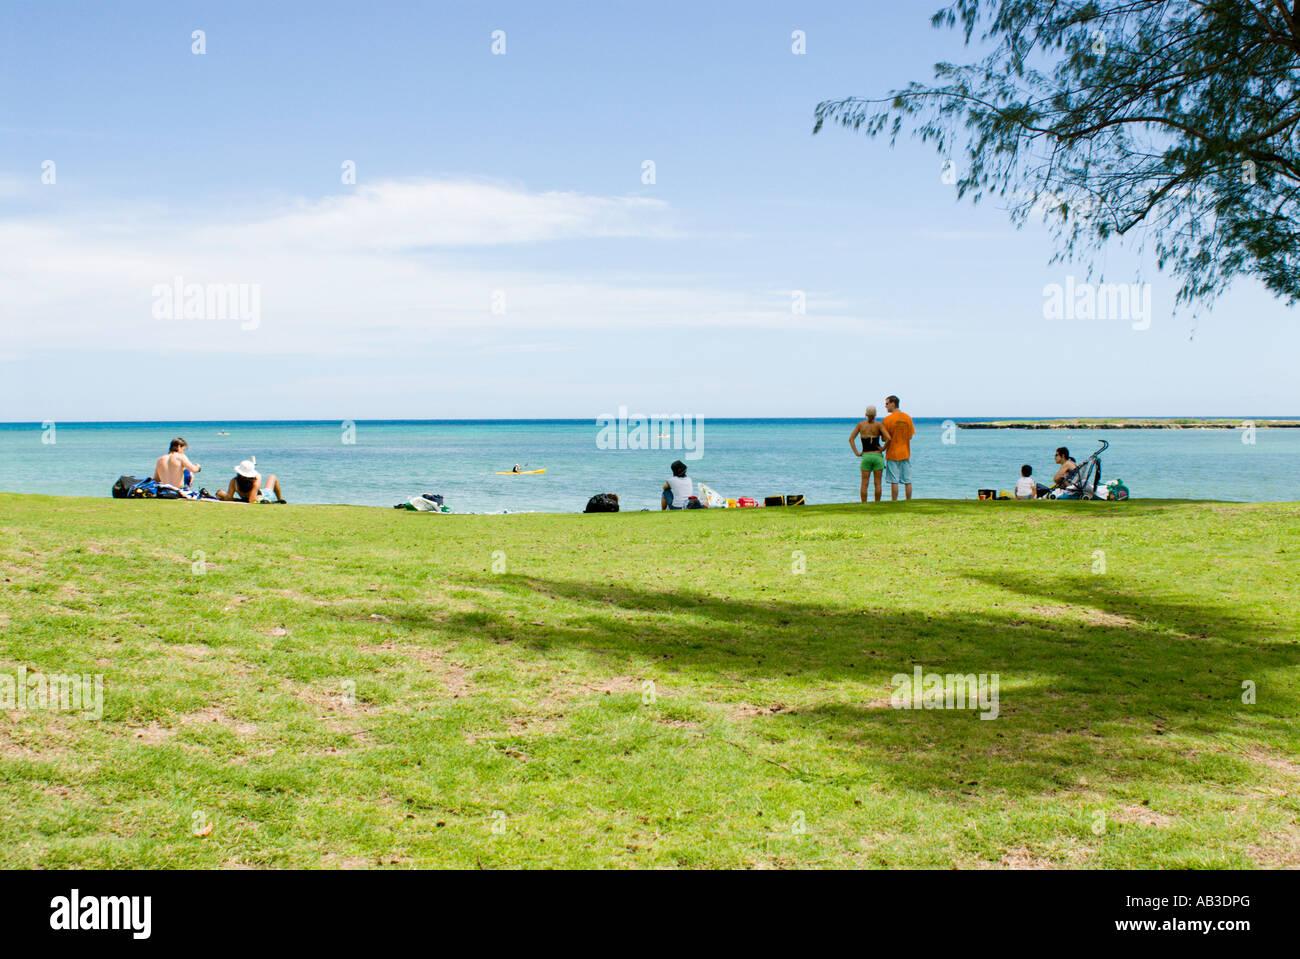 Kailua Beach Park Hawaii Stock Photo 12765015 Alamy